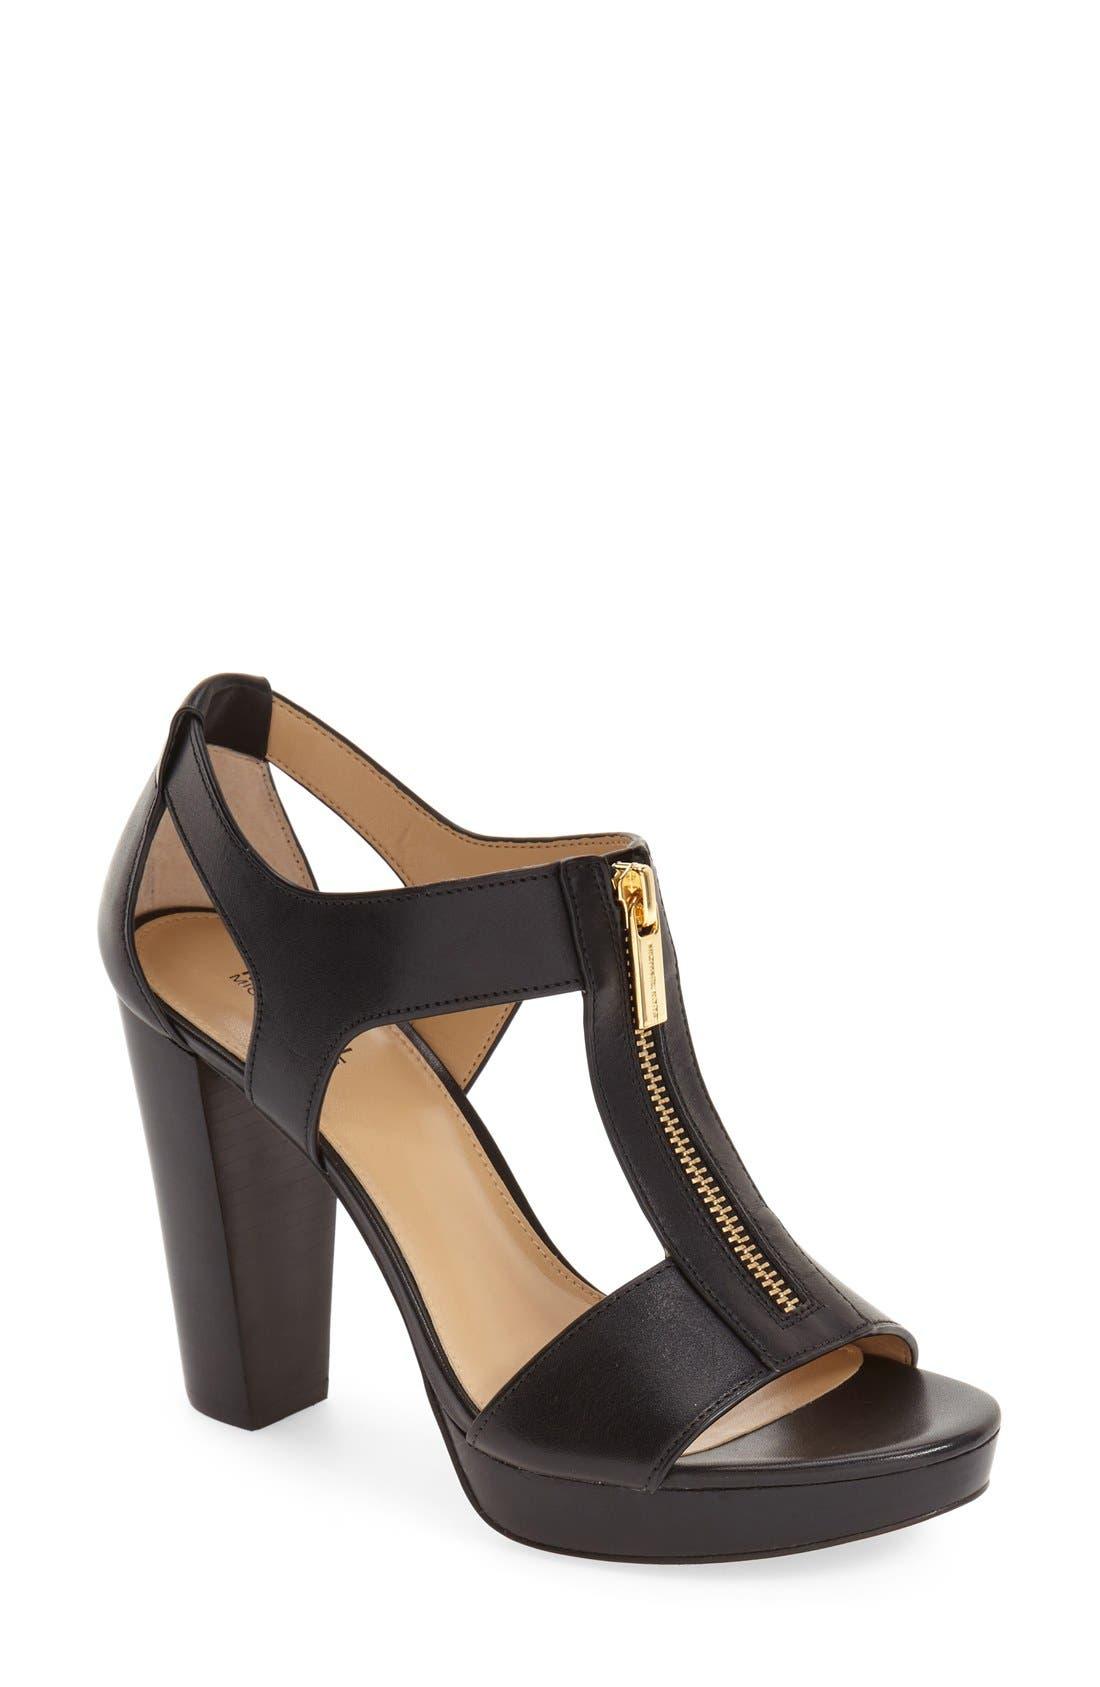 2cf94479b7ea Women s MICHAEL Michael Kors Shoes